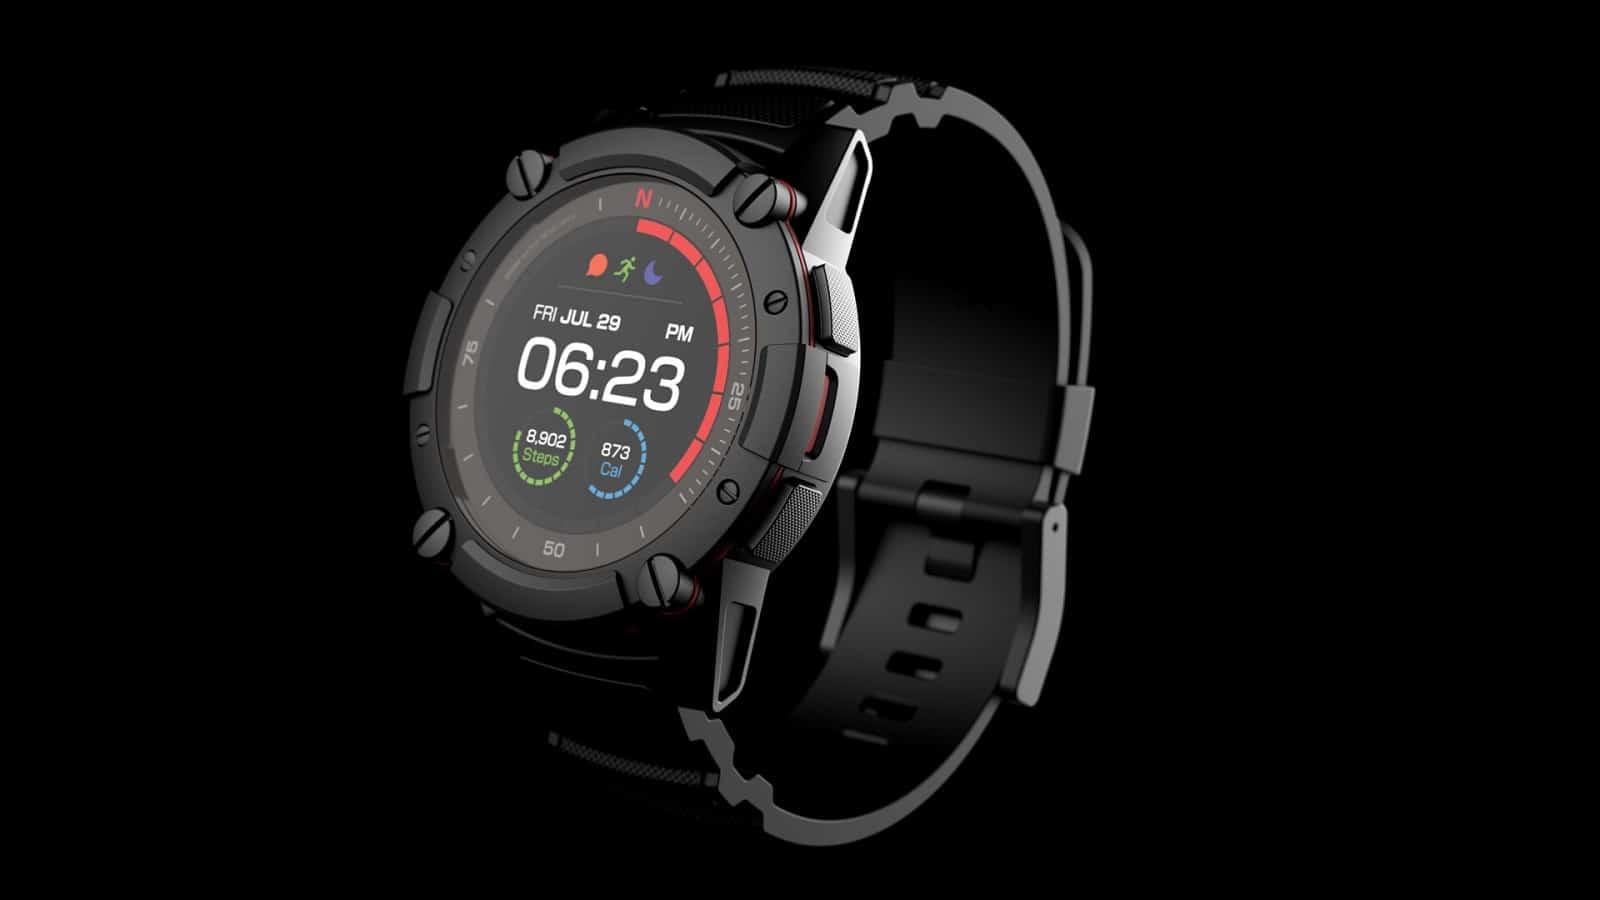 matrix industries powerwatch 2 on black background